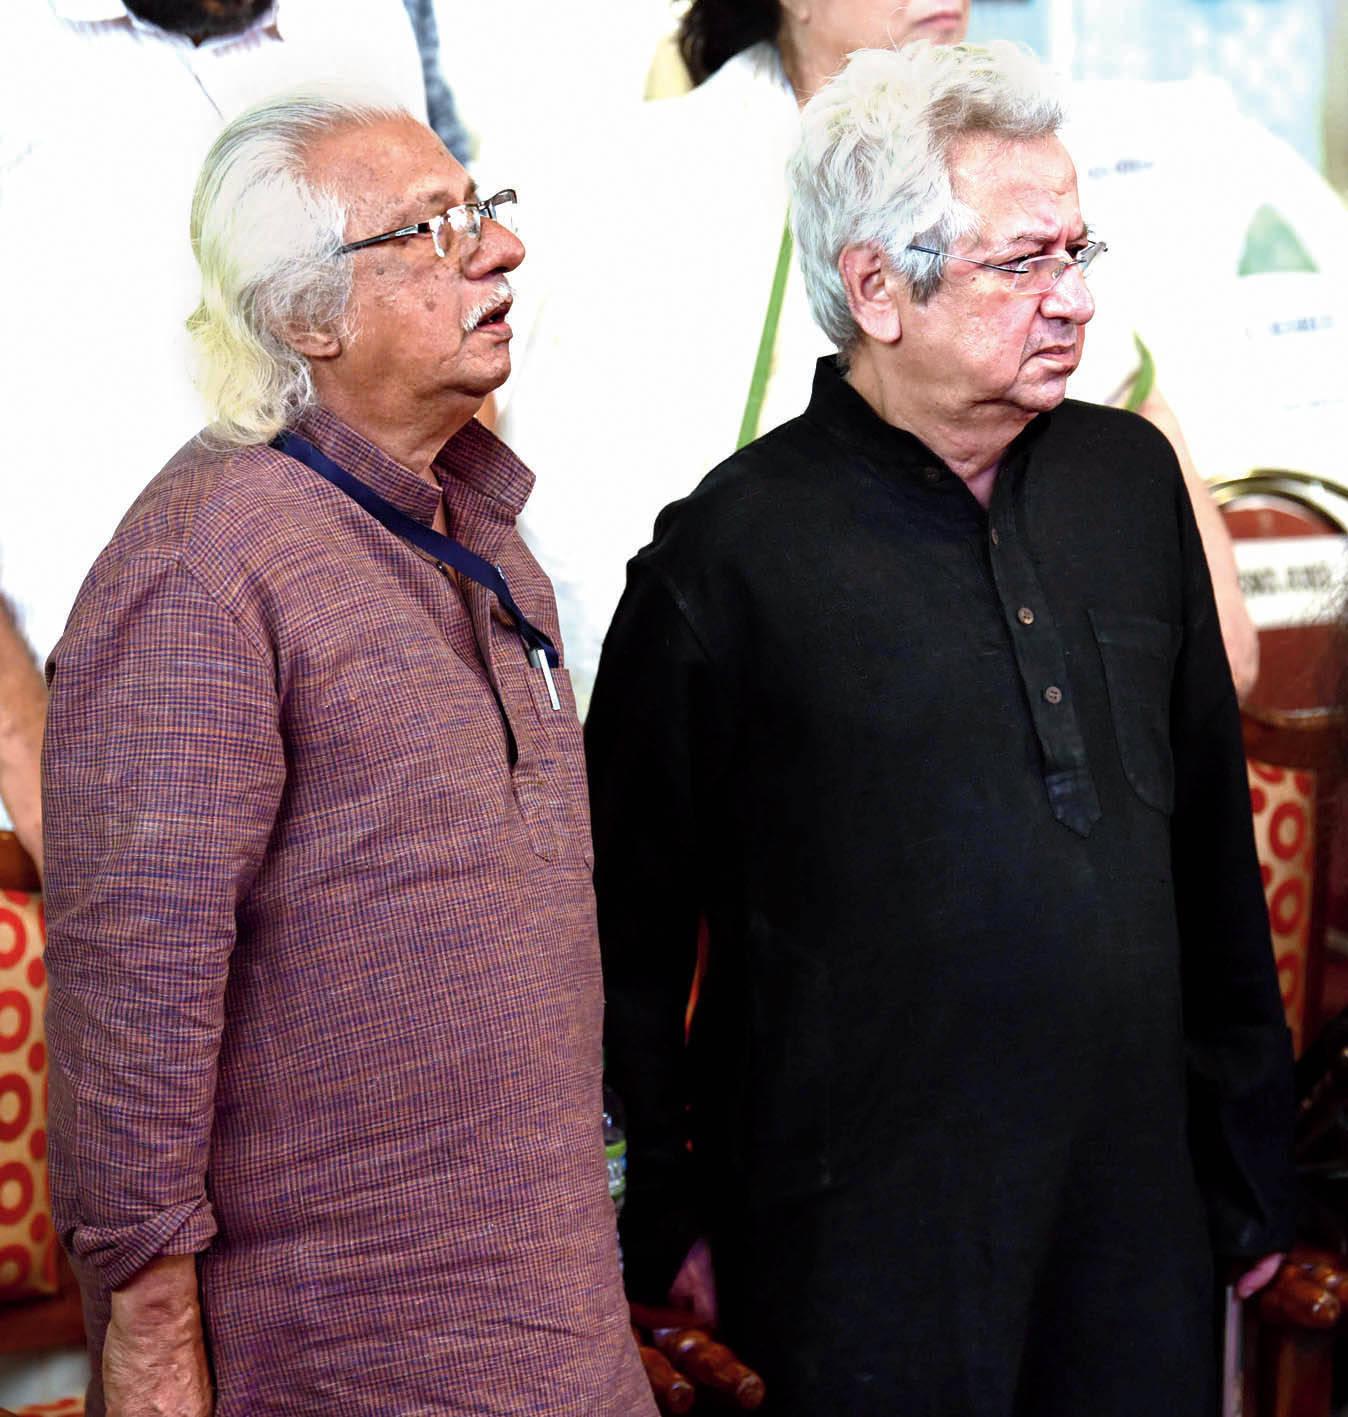 Adoor Gopalakrishnan, Kumar Shahani